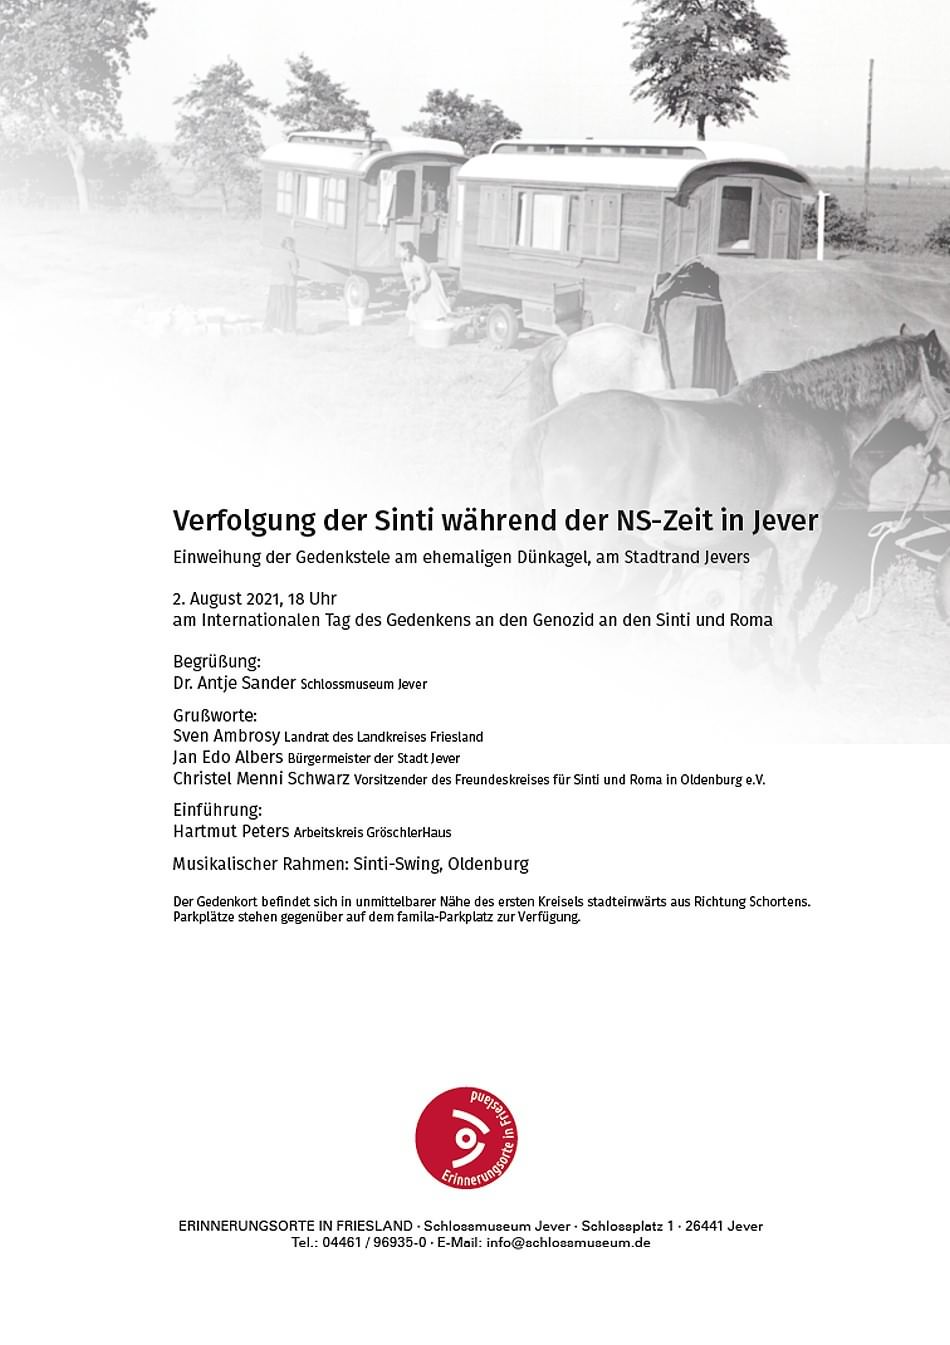 Einweihung der Gedenkstele zur Verfolgung der Sinti während der NS-Zeit in Jever